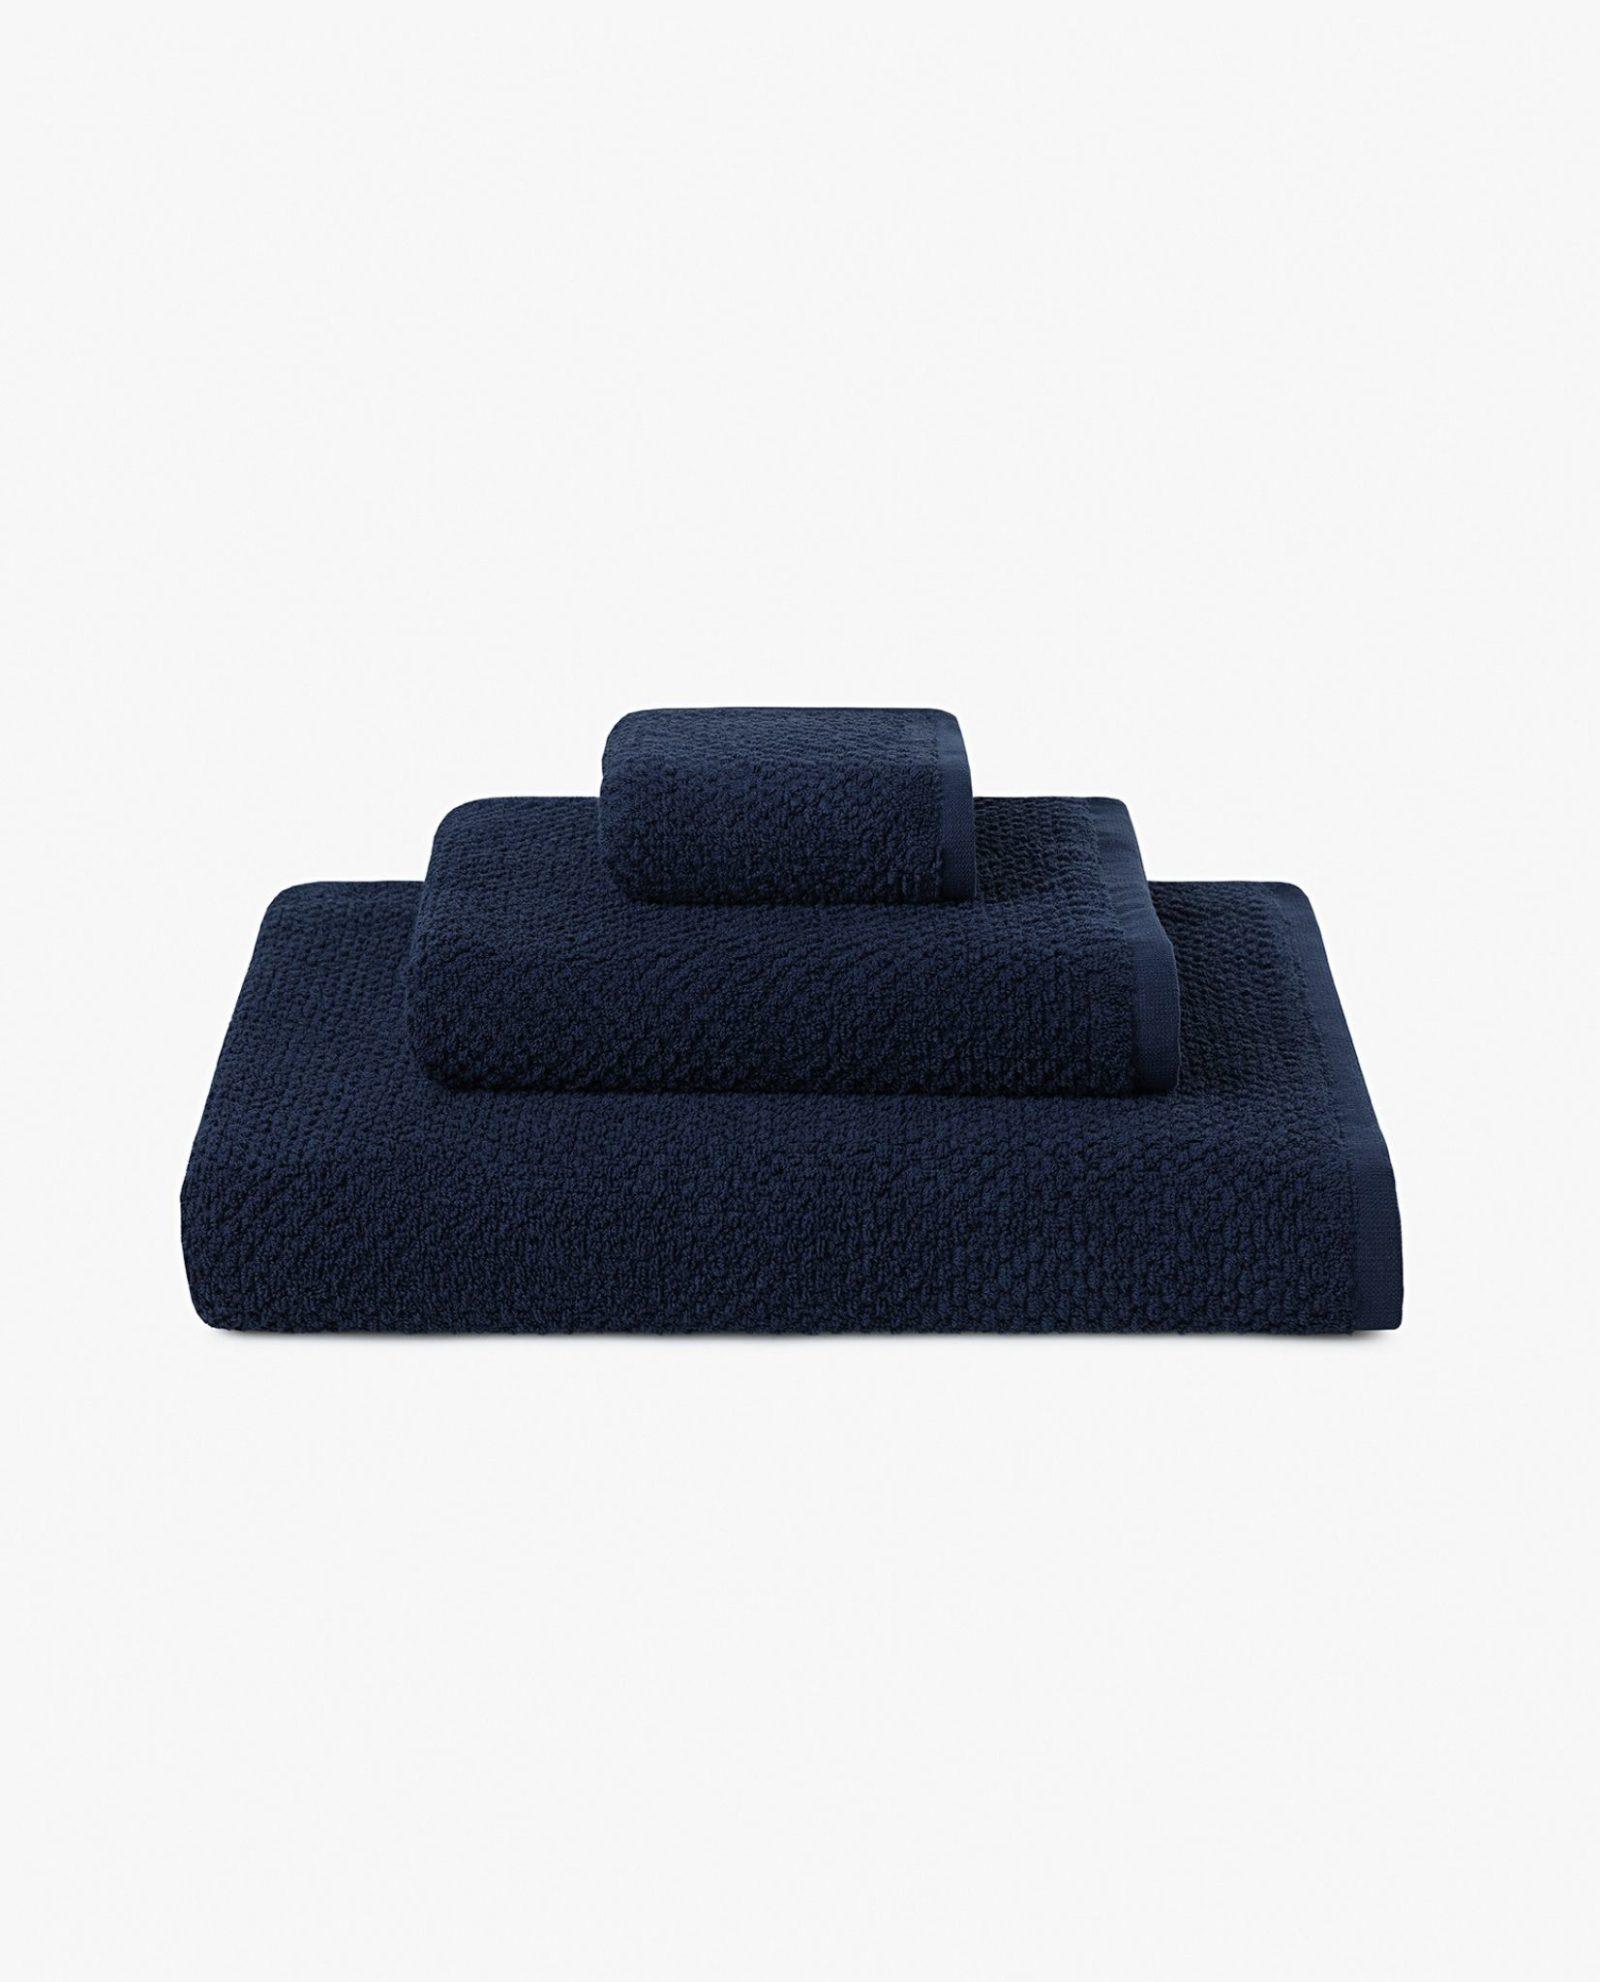 conjunto de toalhas 100% algodão em tecido azul marinho